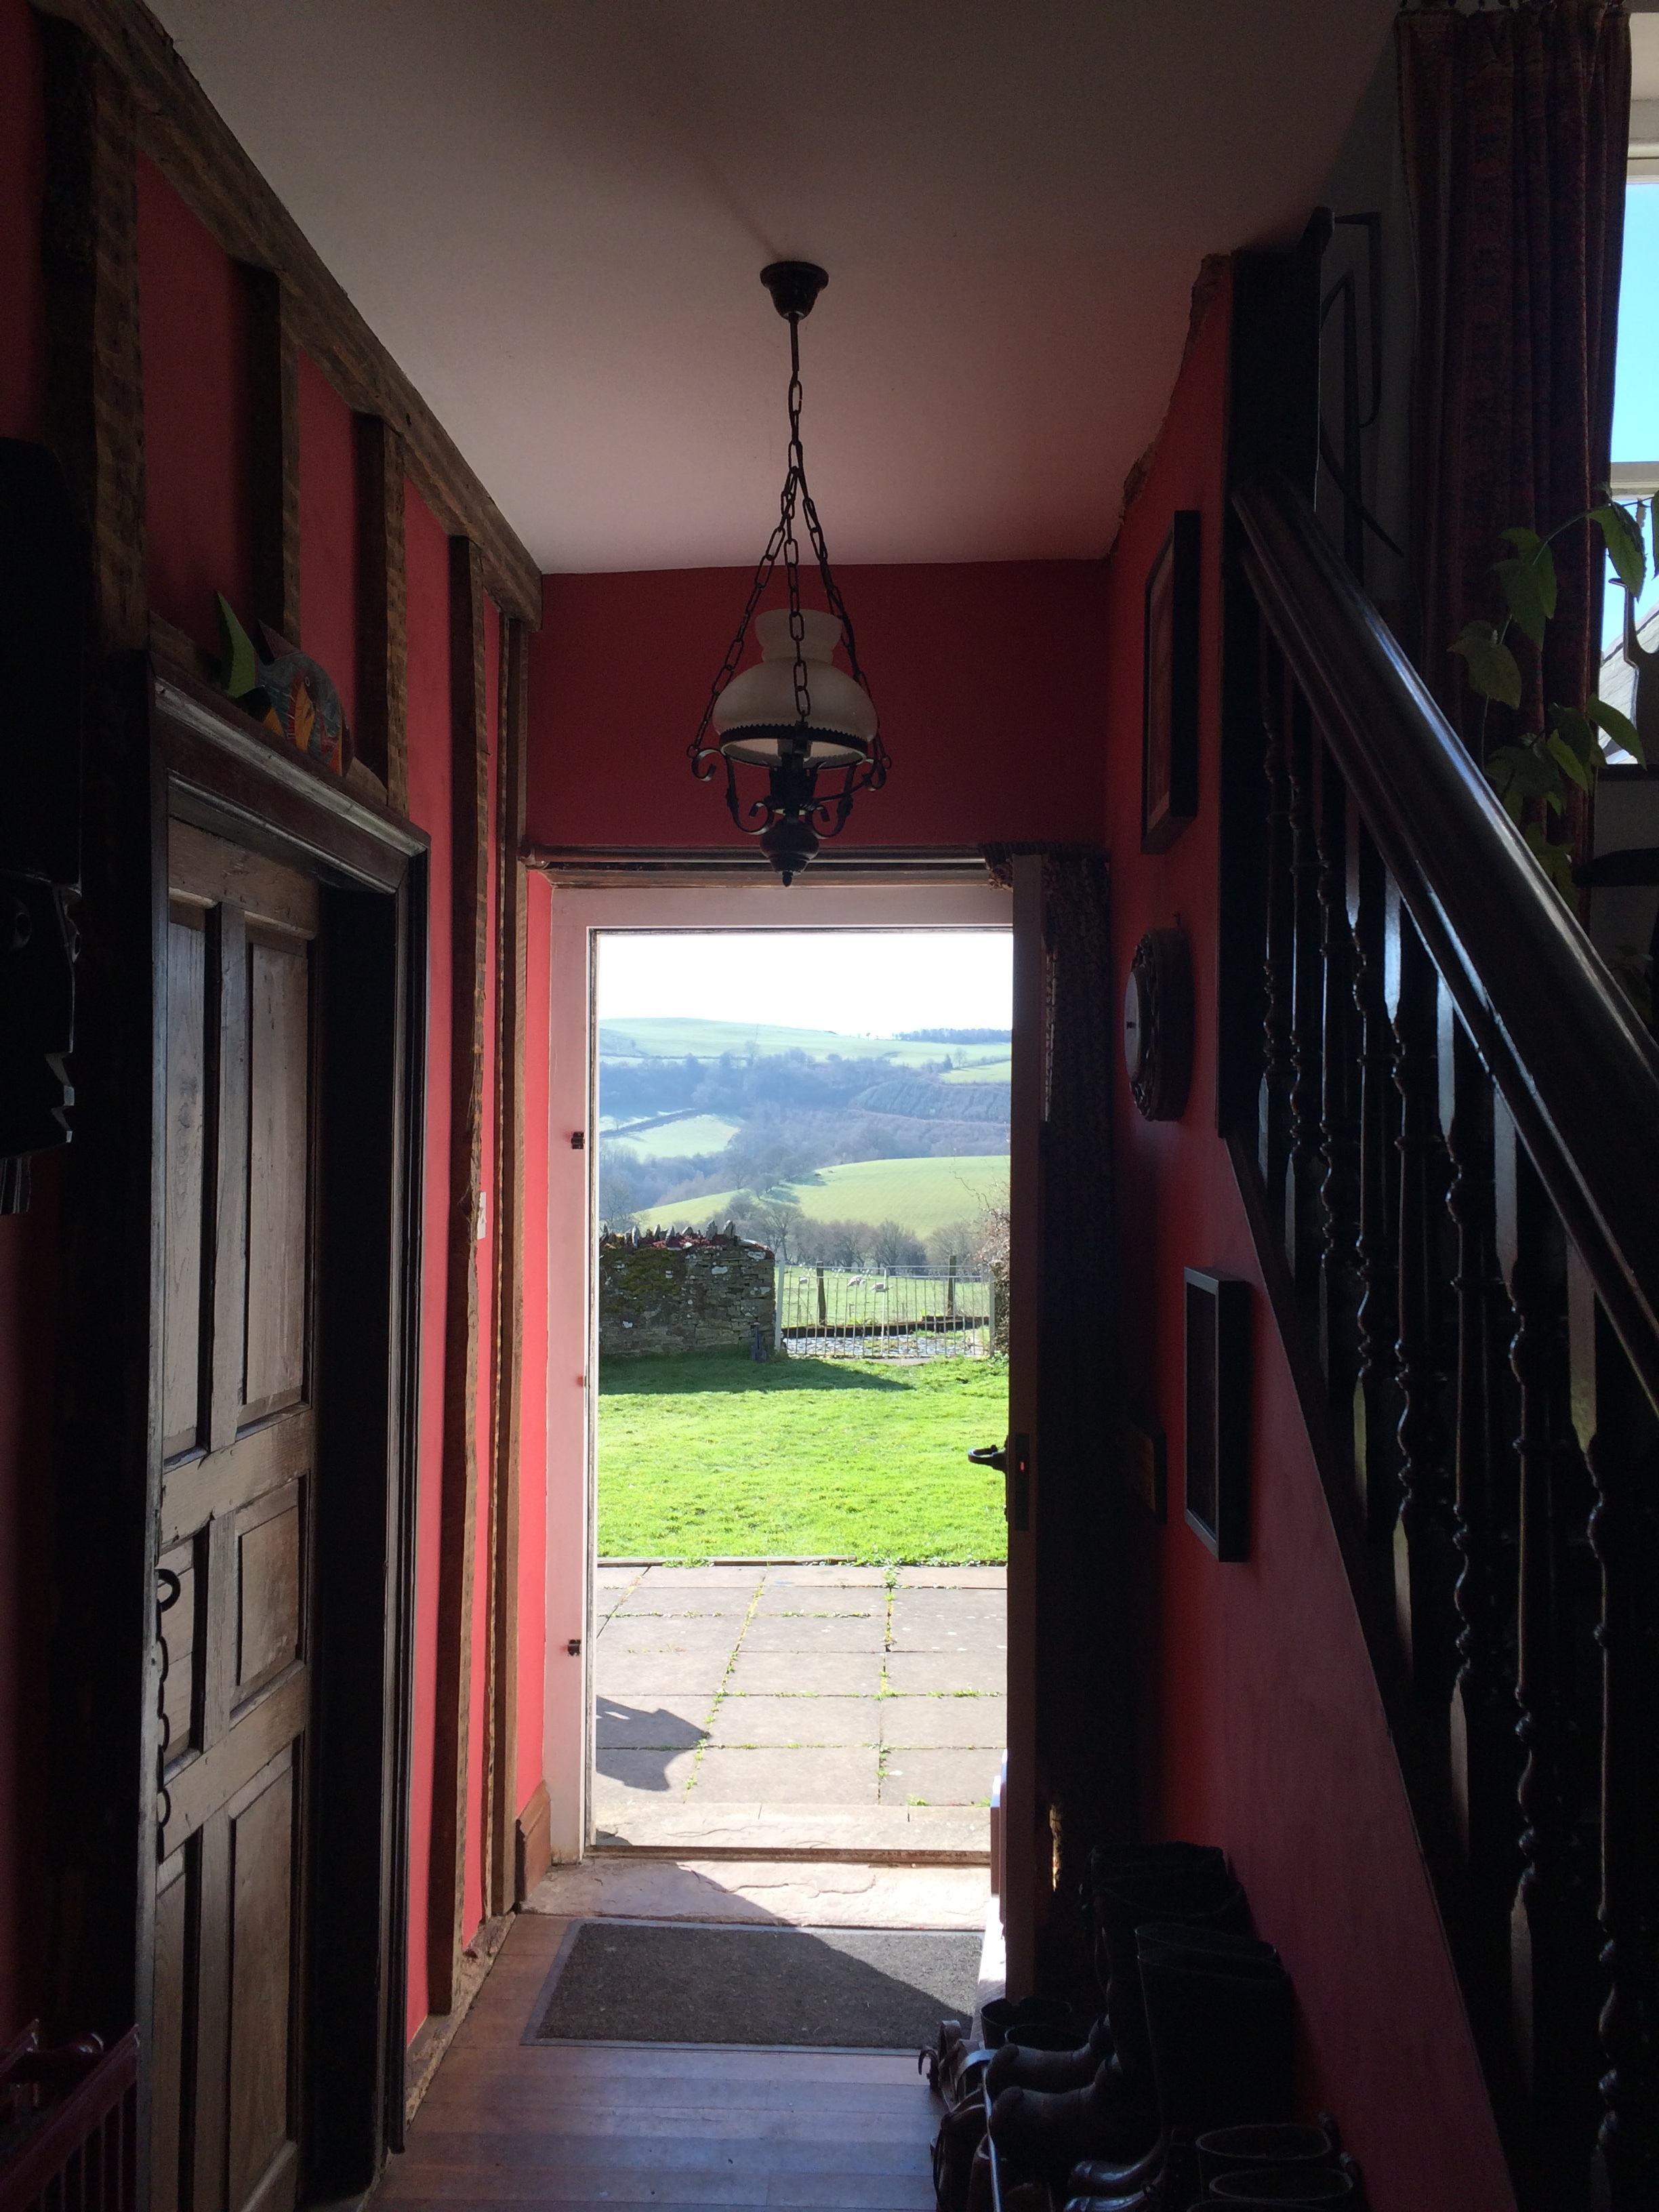 Through the back door.